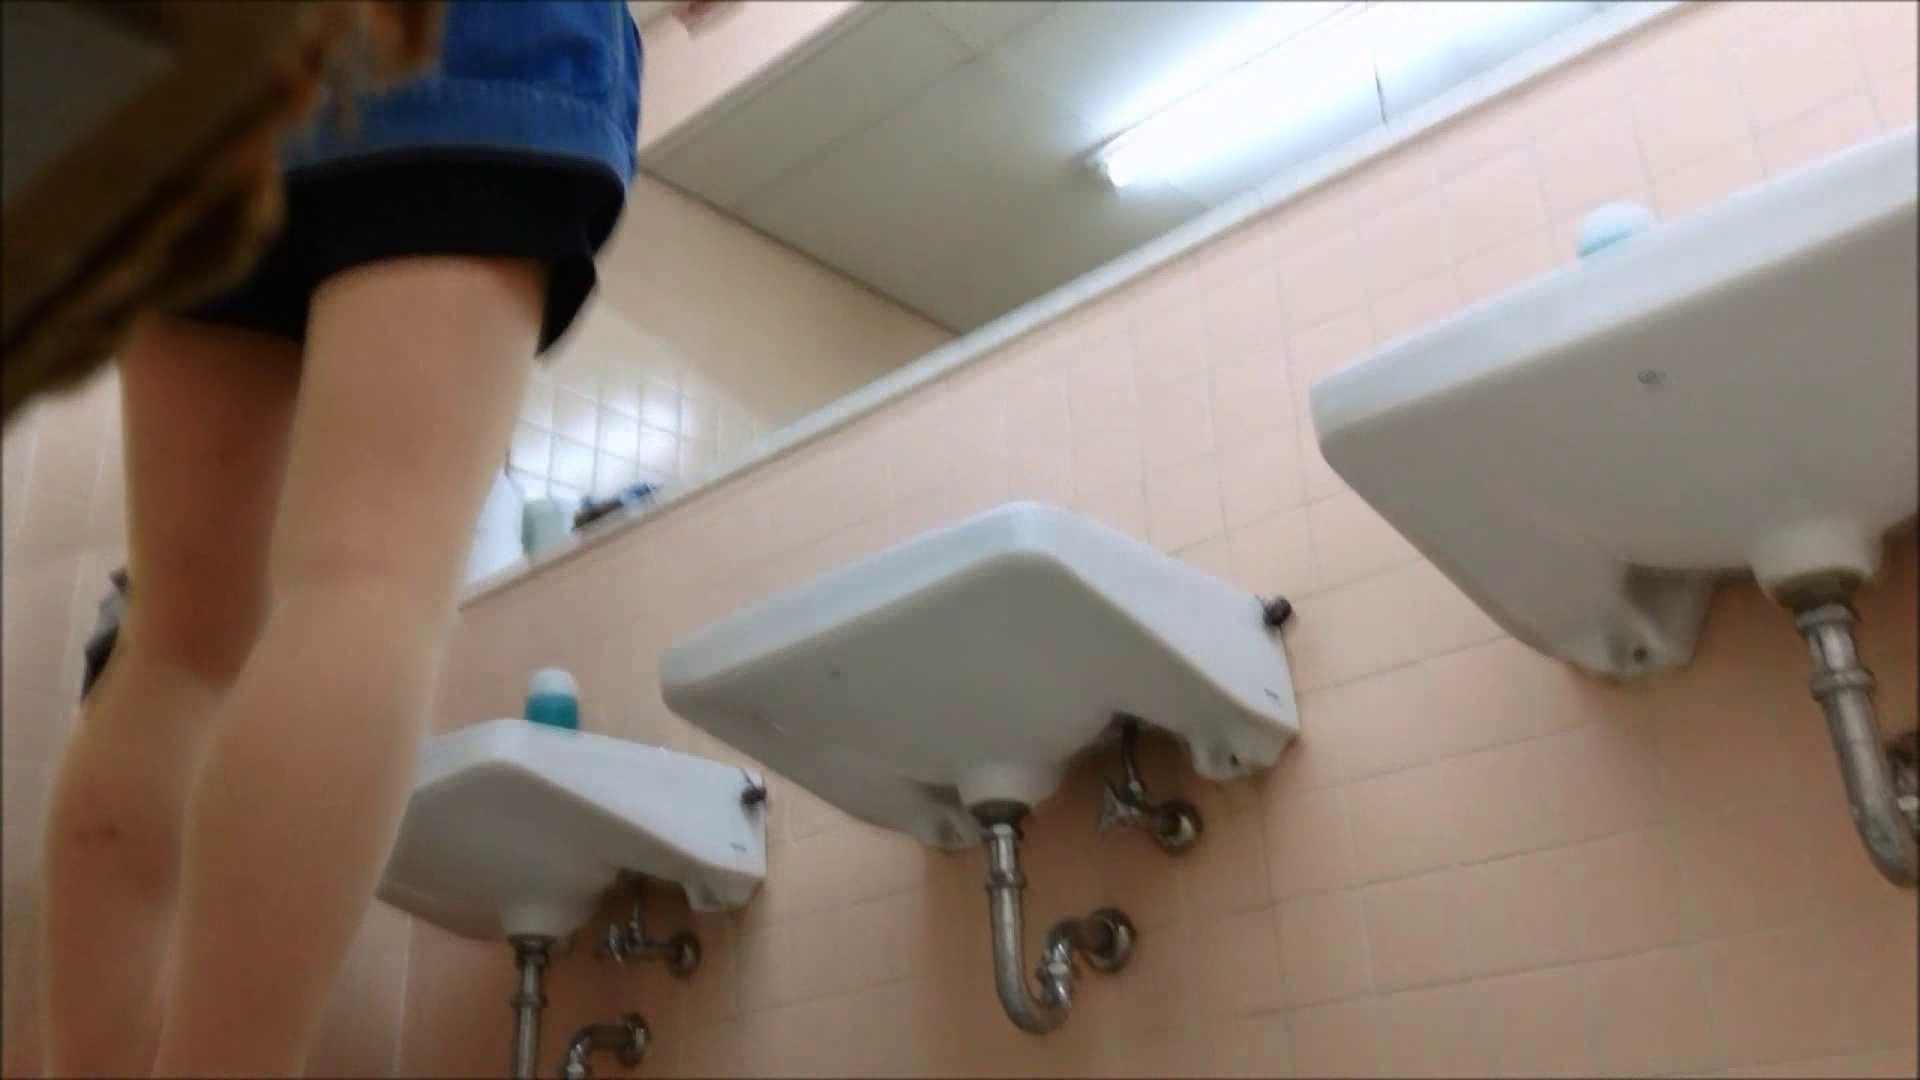 某有名大学女性洗面所 vol.16 潜入 | 和式  45連発 17